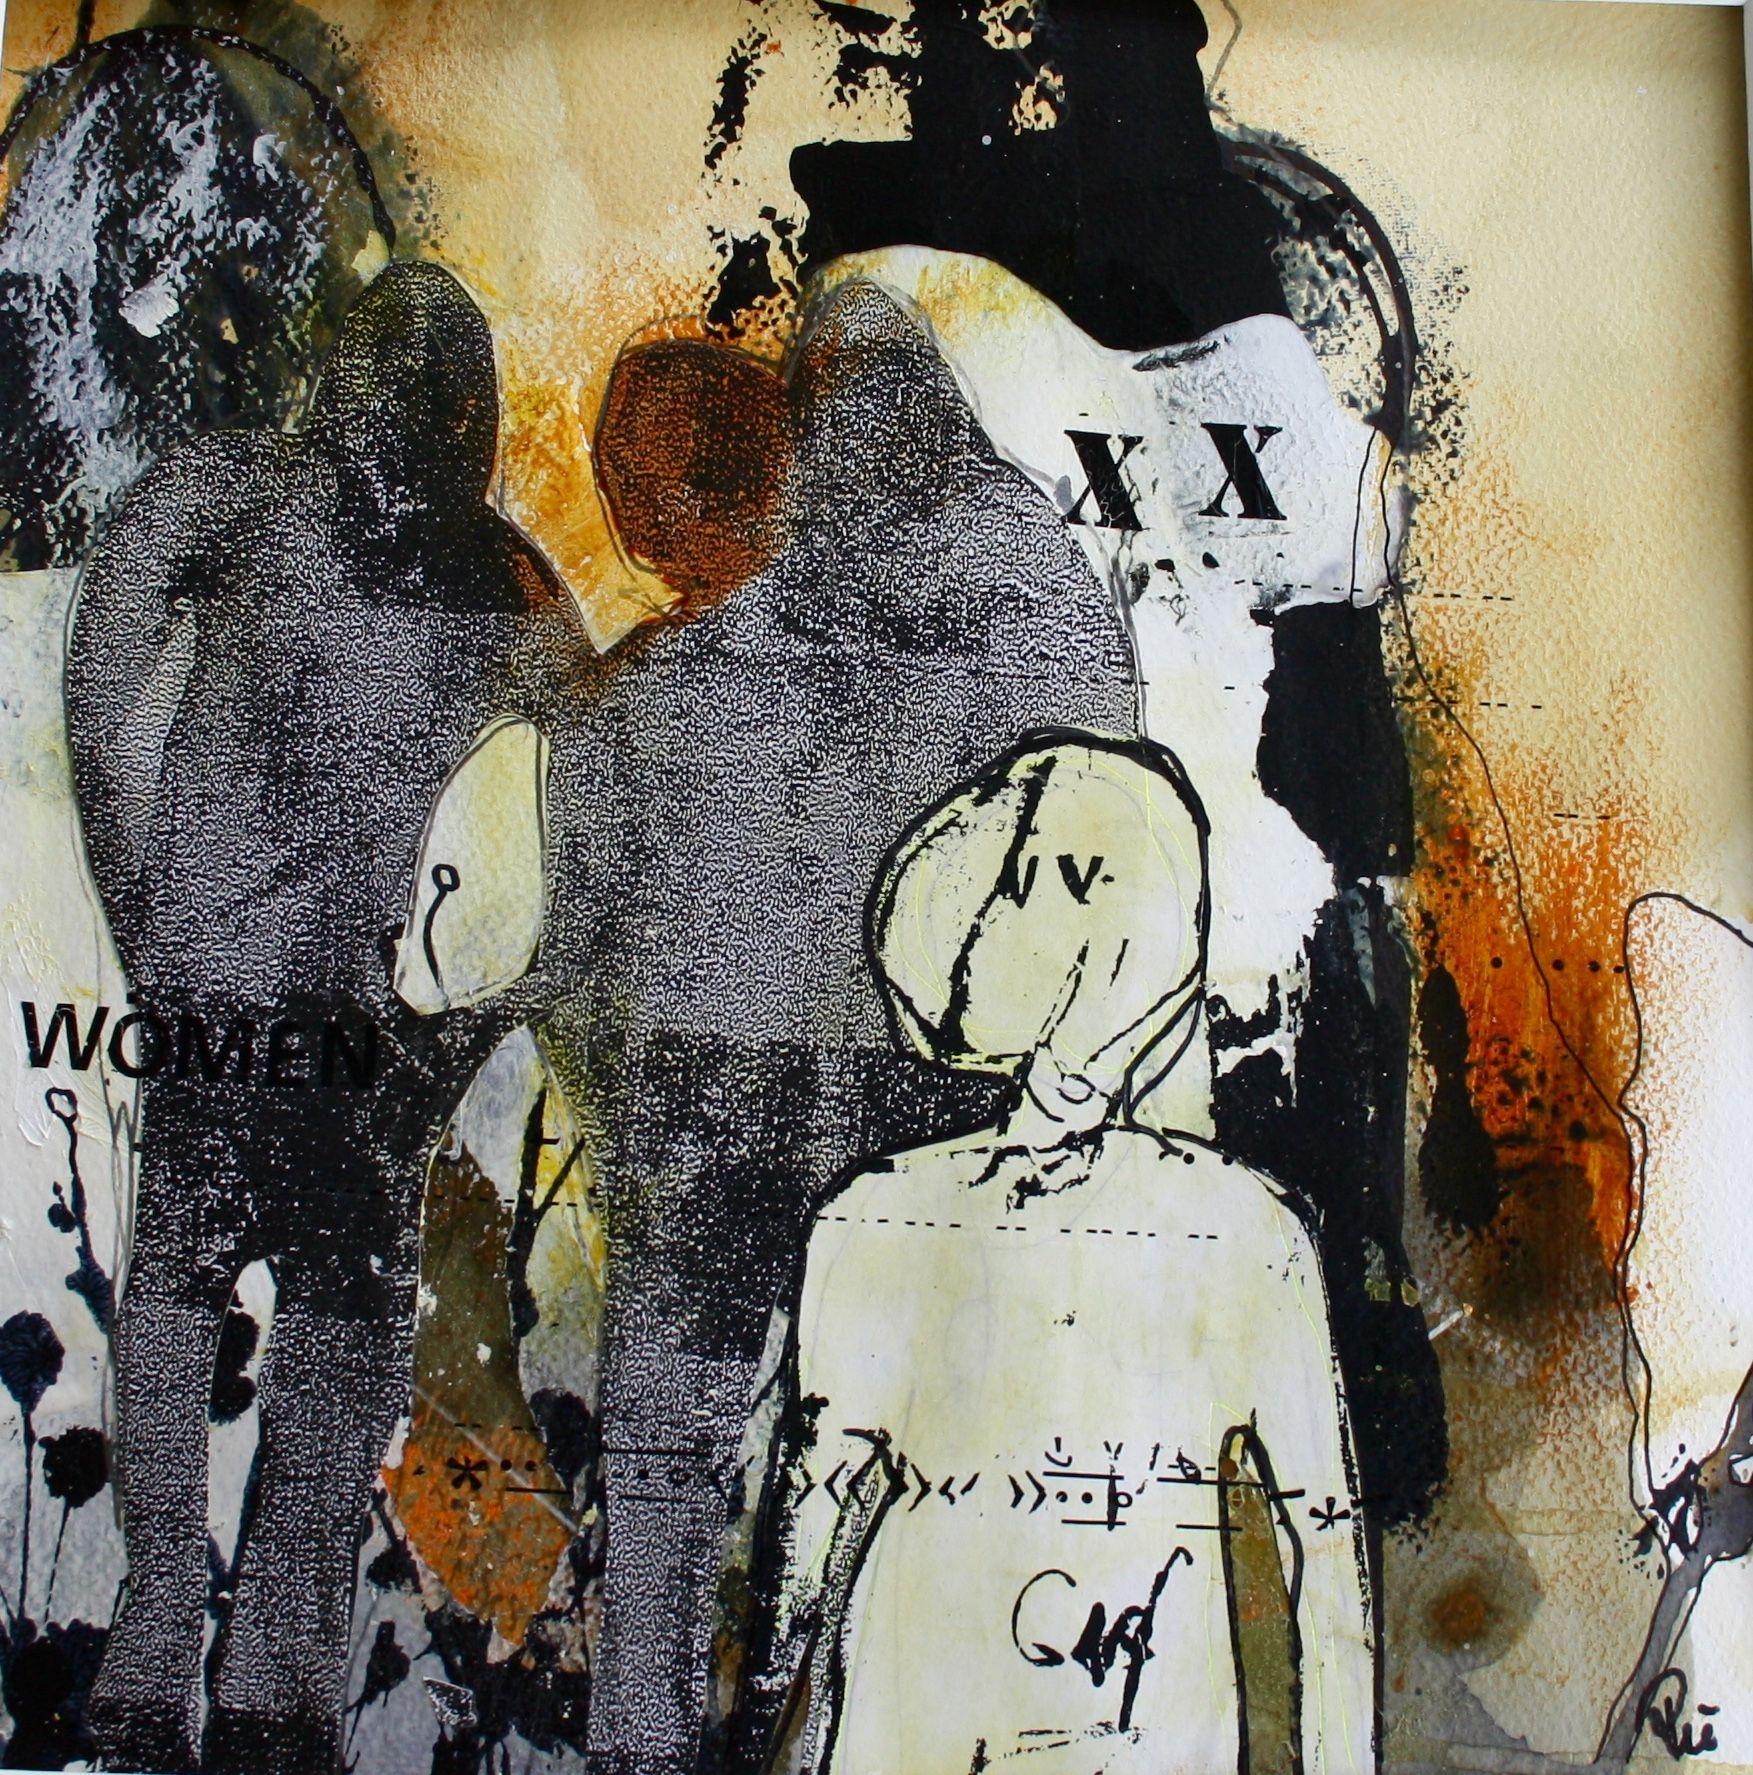 Mennesker Maleri Collage Abstrakt Art Udstillinger Kursus Akrylmaleri Rie Brodsgard Kolding Galleri Kunstnere Kunsttryk Udstillinger